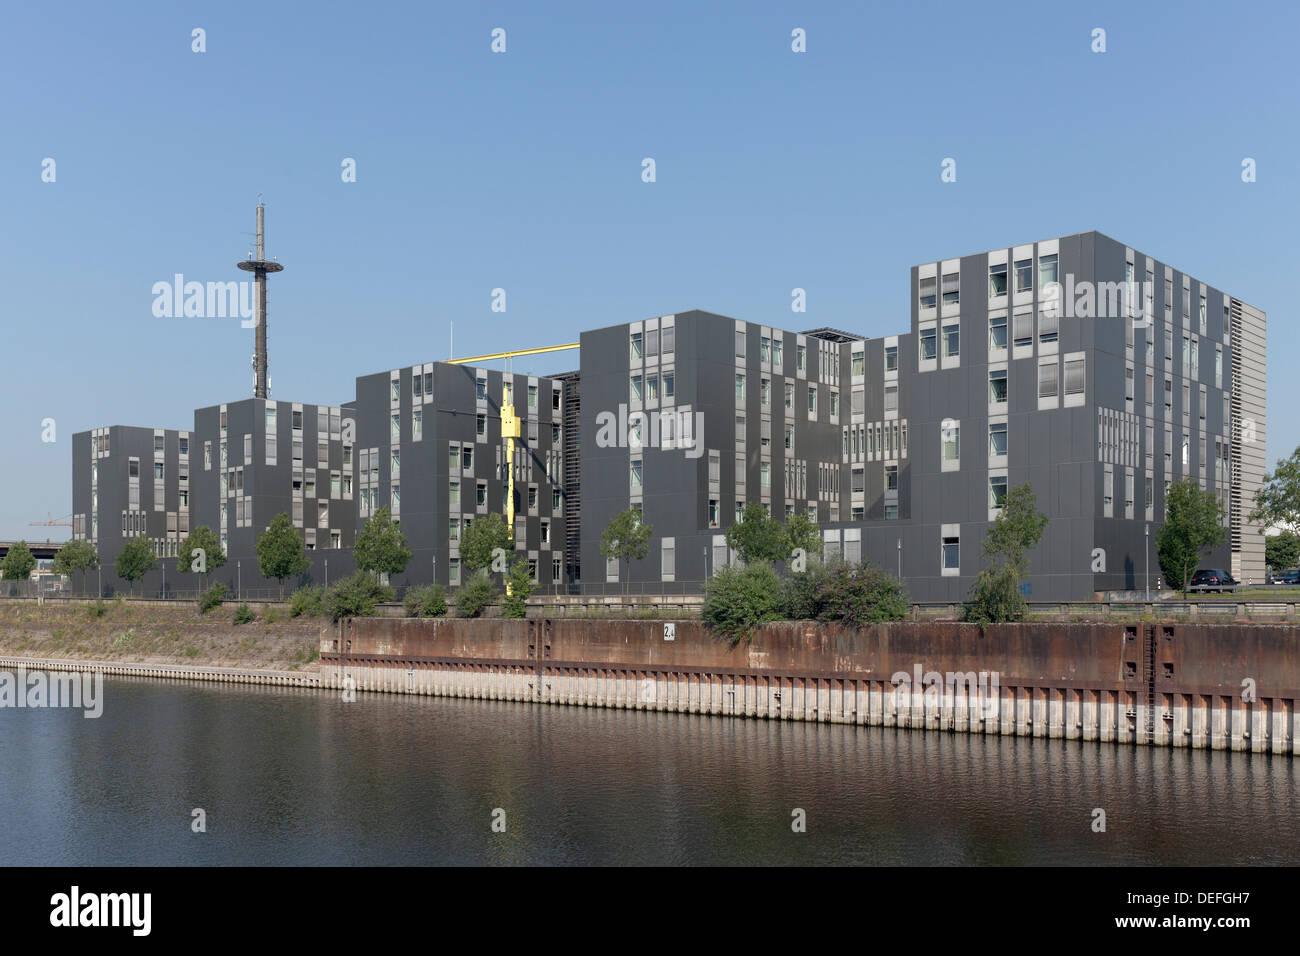 Landesamt fuer zentrale polizeiliche Dienste, police authority building, LZPD, Innenhafen, Duisburg, Ruhr district - Stock Image